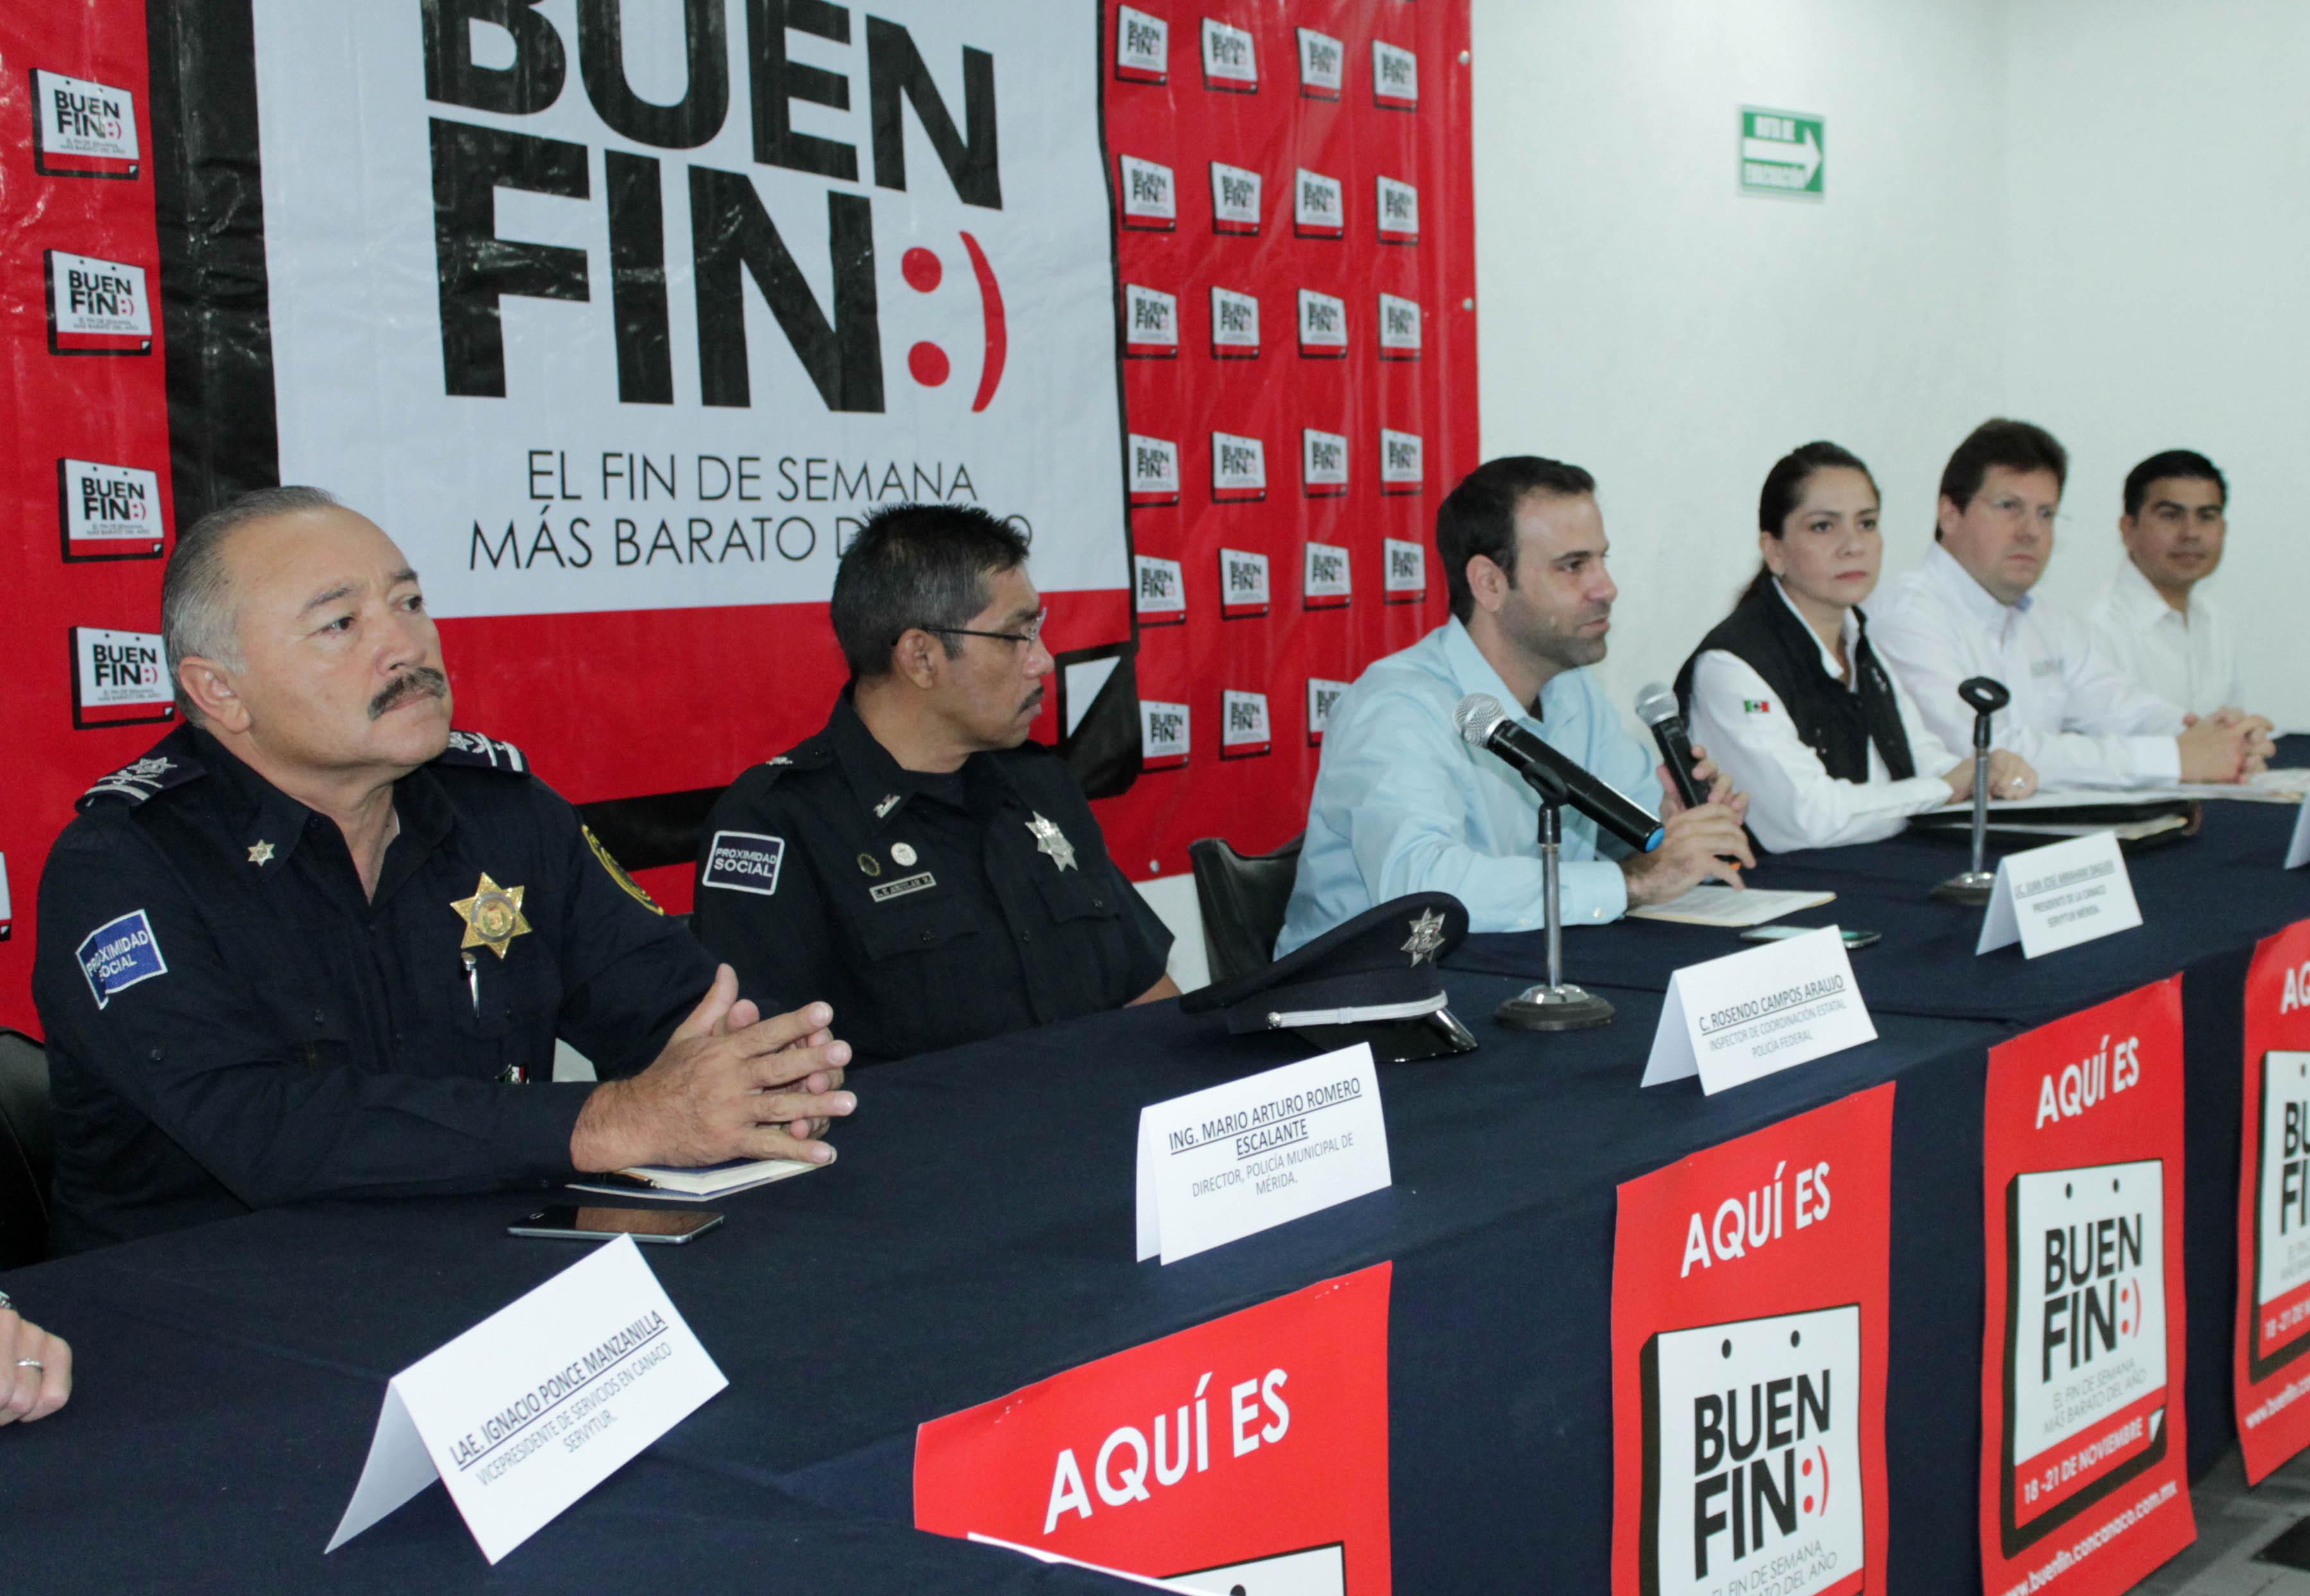 Armandespliegue policíaco en Yucatán por El Buen Fin